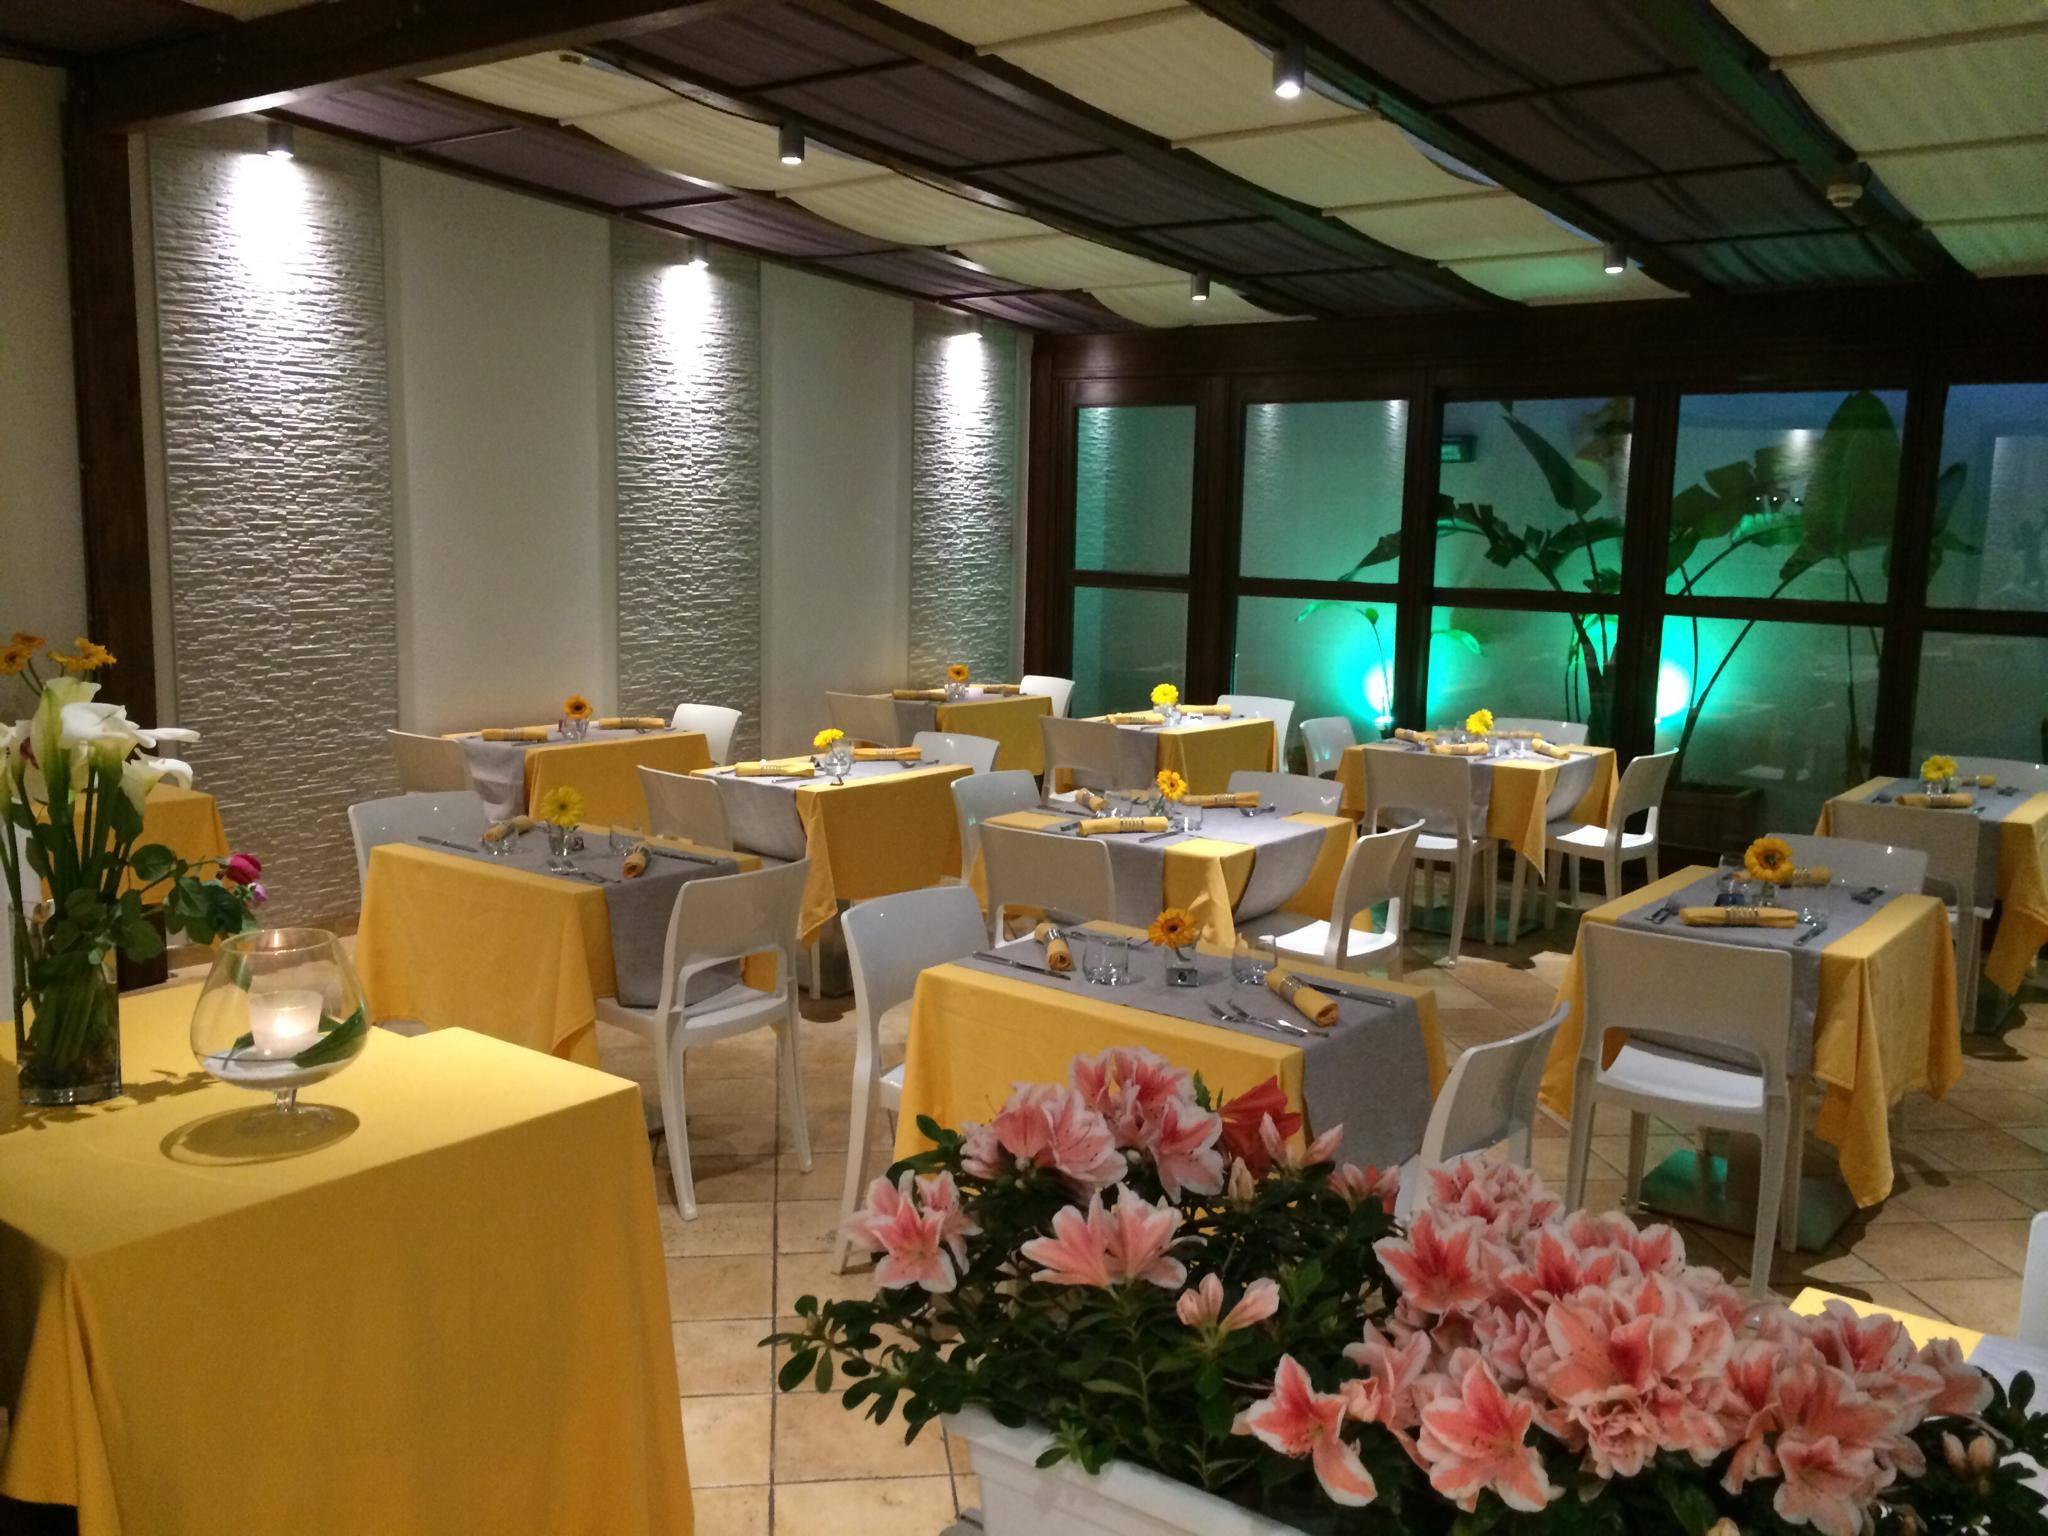 dove mangiare a san vito lo capo - Hotel Ristorante Trinacria